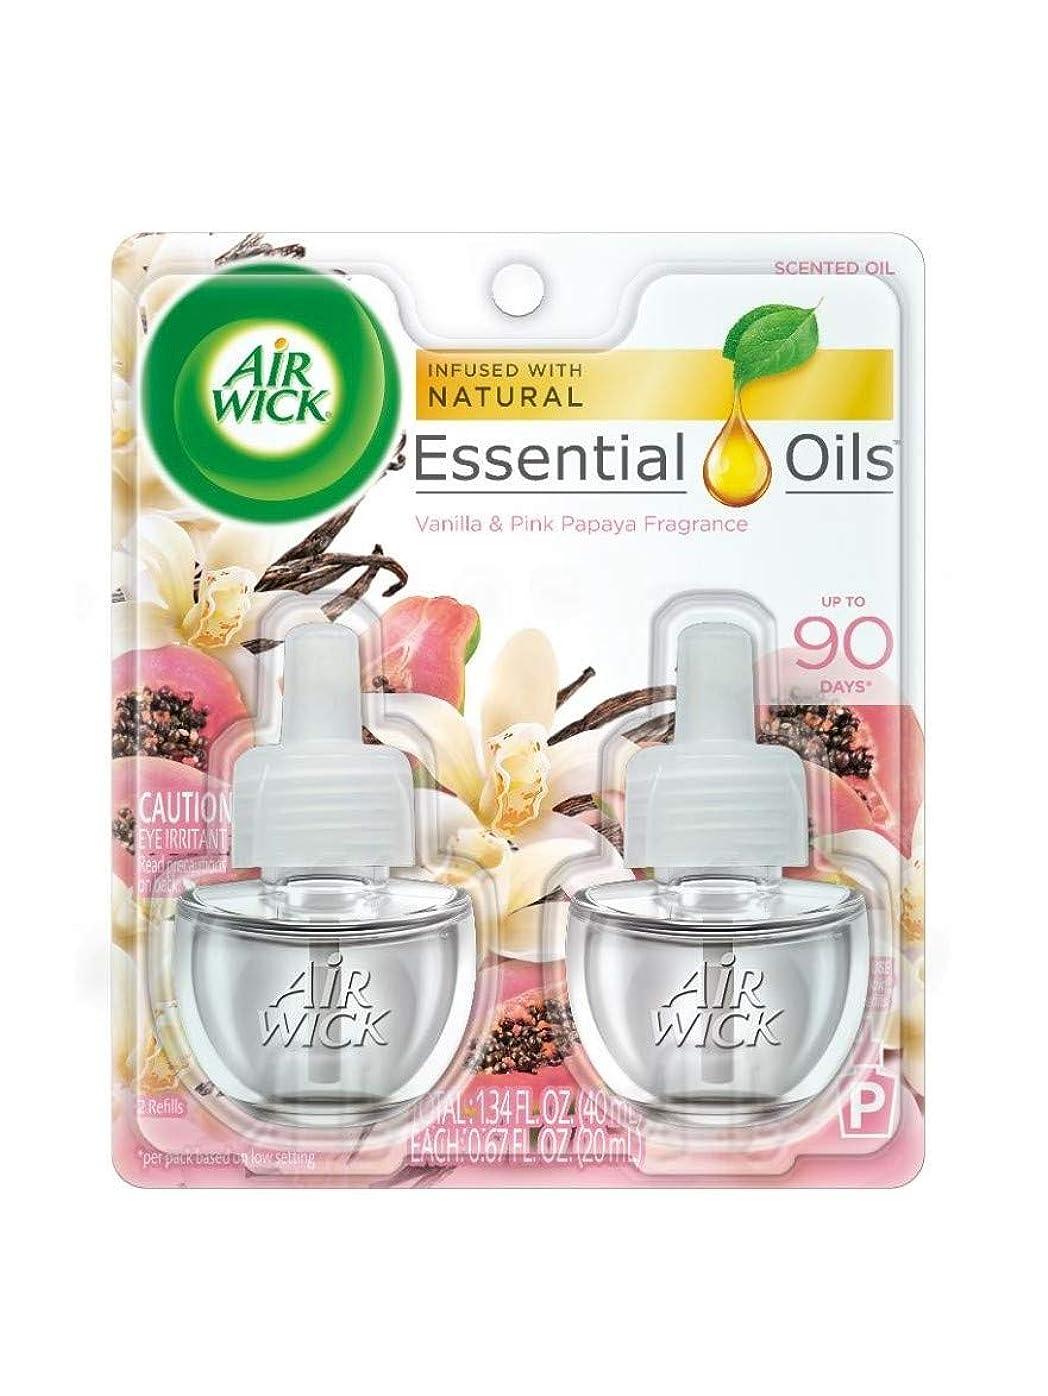 南方の子豚加入【Air Wick/エアーウィック】 プラグインオイル詰替えリフィル(2個入り) バニラ&ピンクパパイヤ Air Wick Scented Oil Twin Refill Vanilla & Pink Papaya (2X.67) Oz. [並行輸入品]